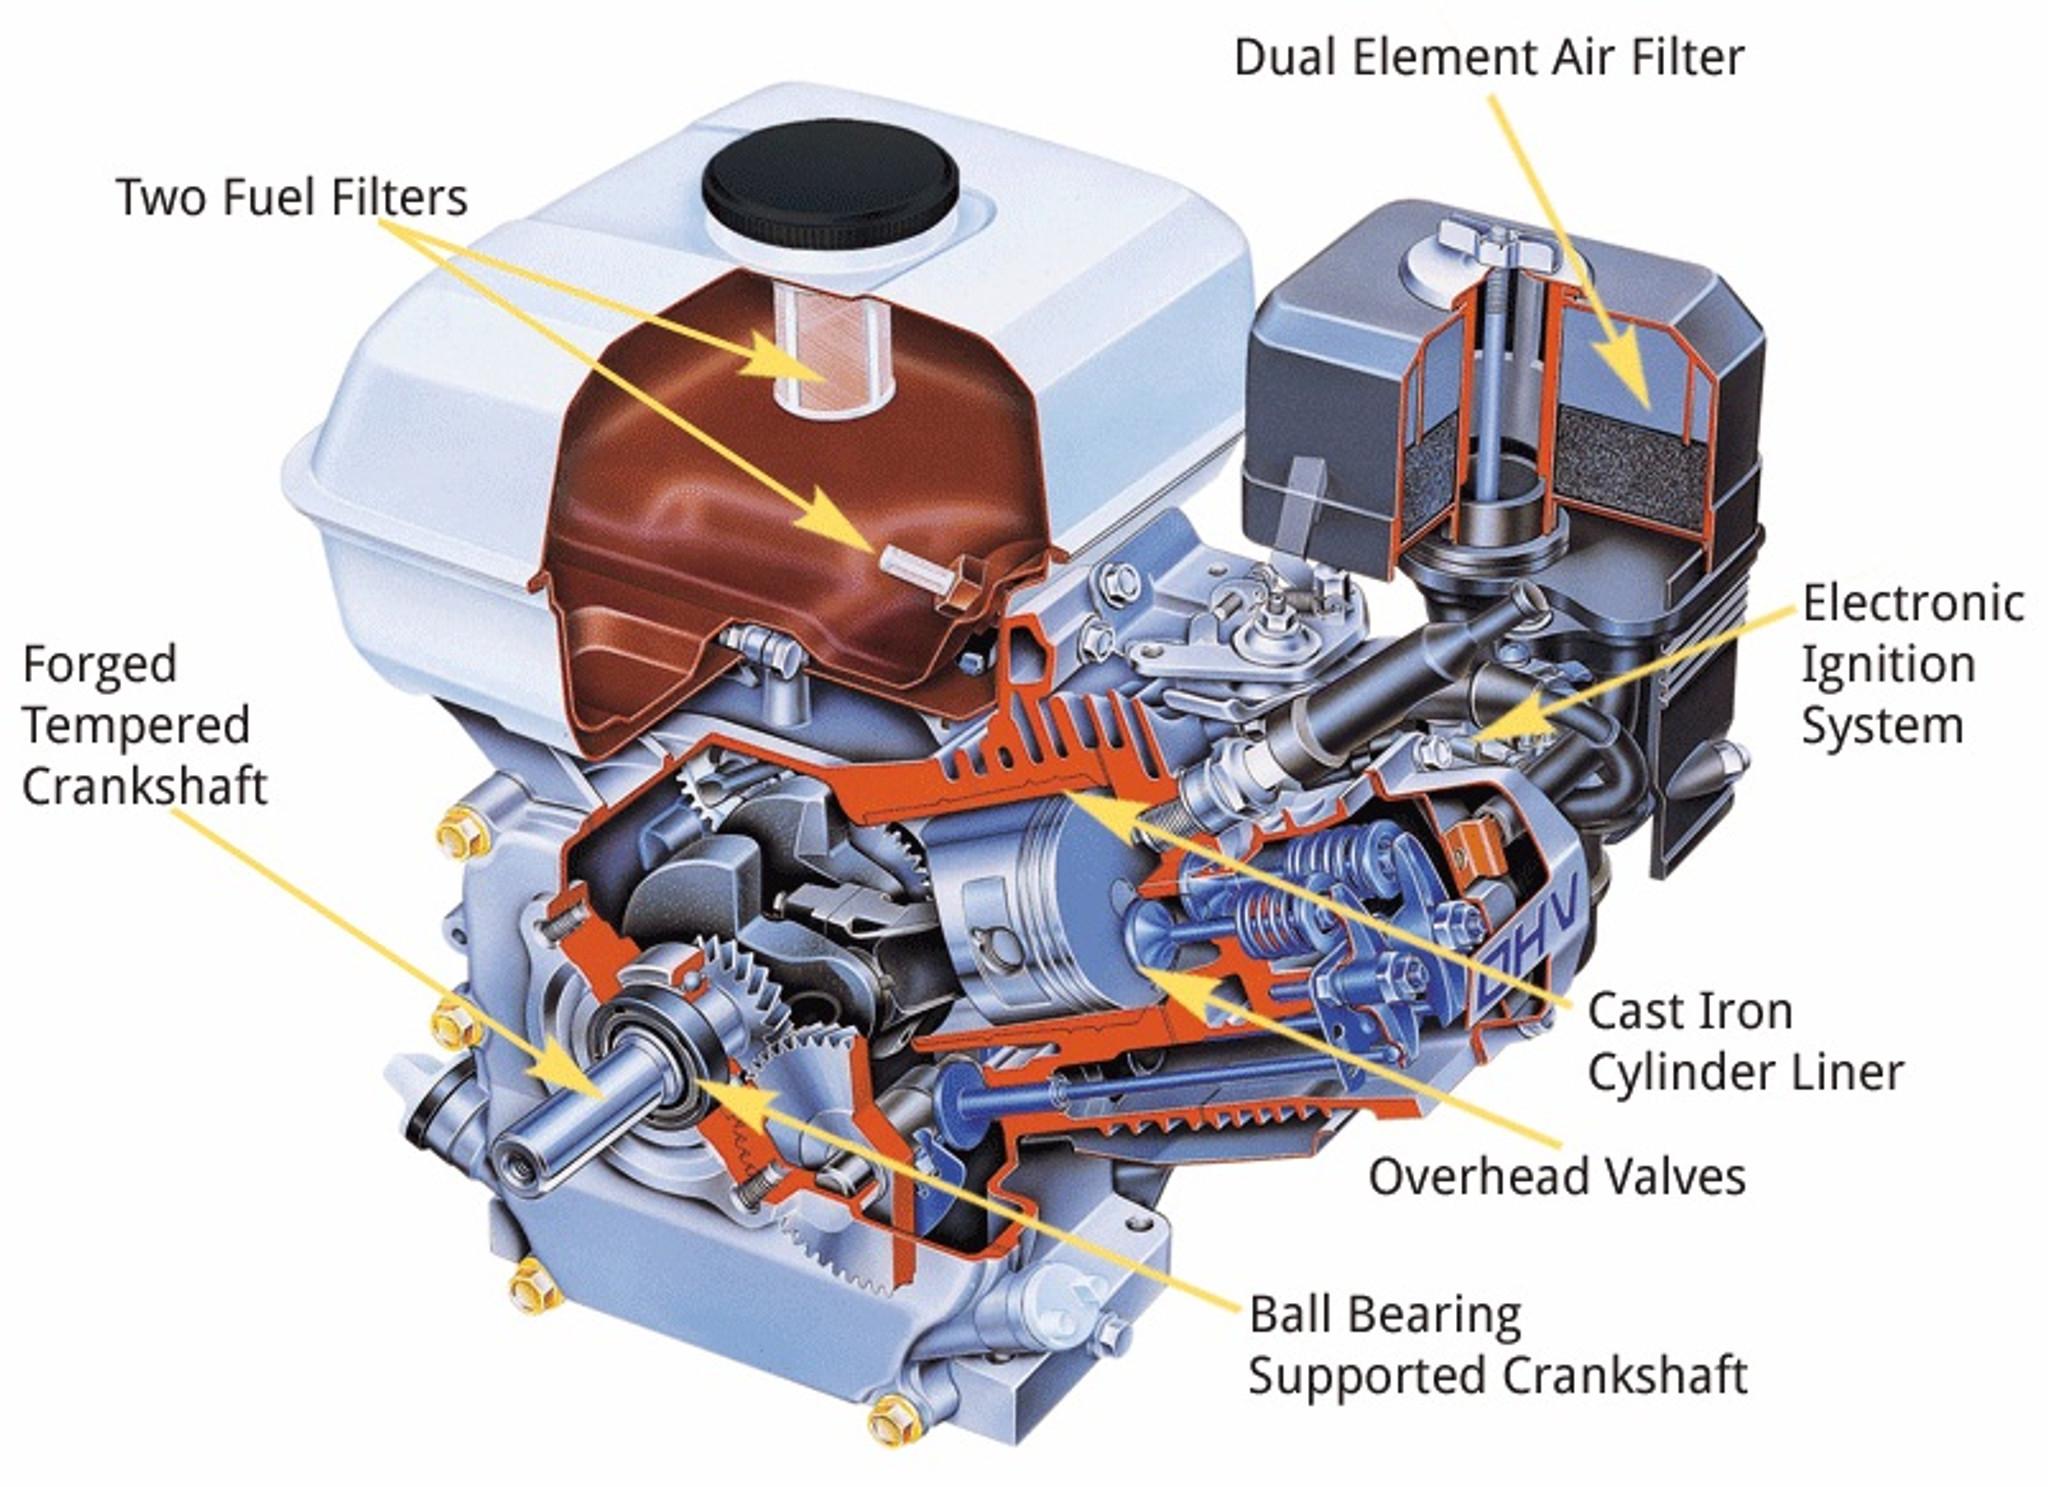 Honda GX160 Engine | GX160UT2QX2 - DHS Equipment | Gx160 Wiring Diagram |  | DHS Equipment